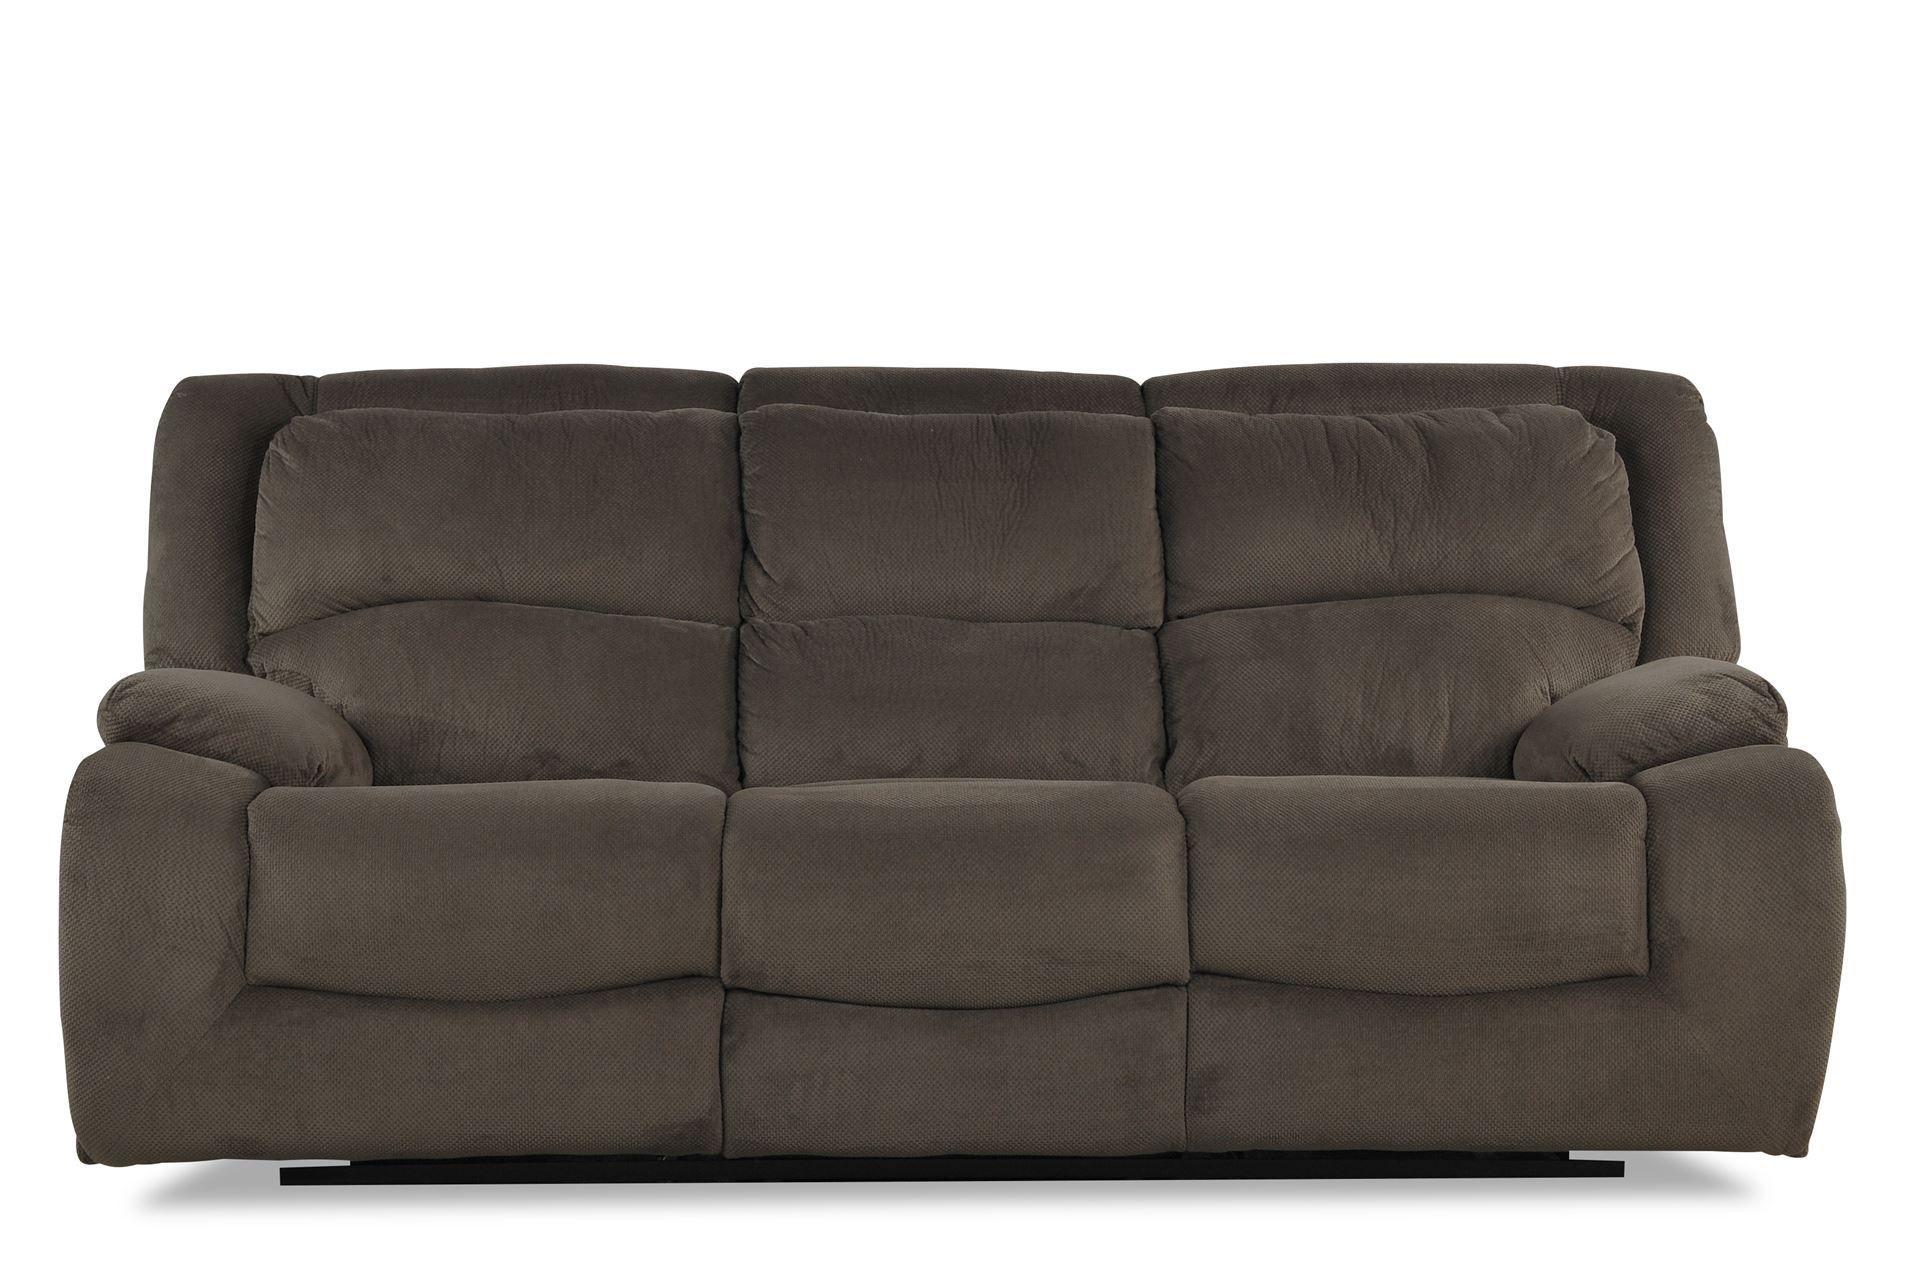 Claudius Reclining Sofa Decorate Sofa Reclining Sofa